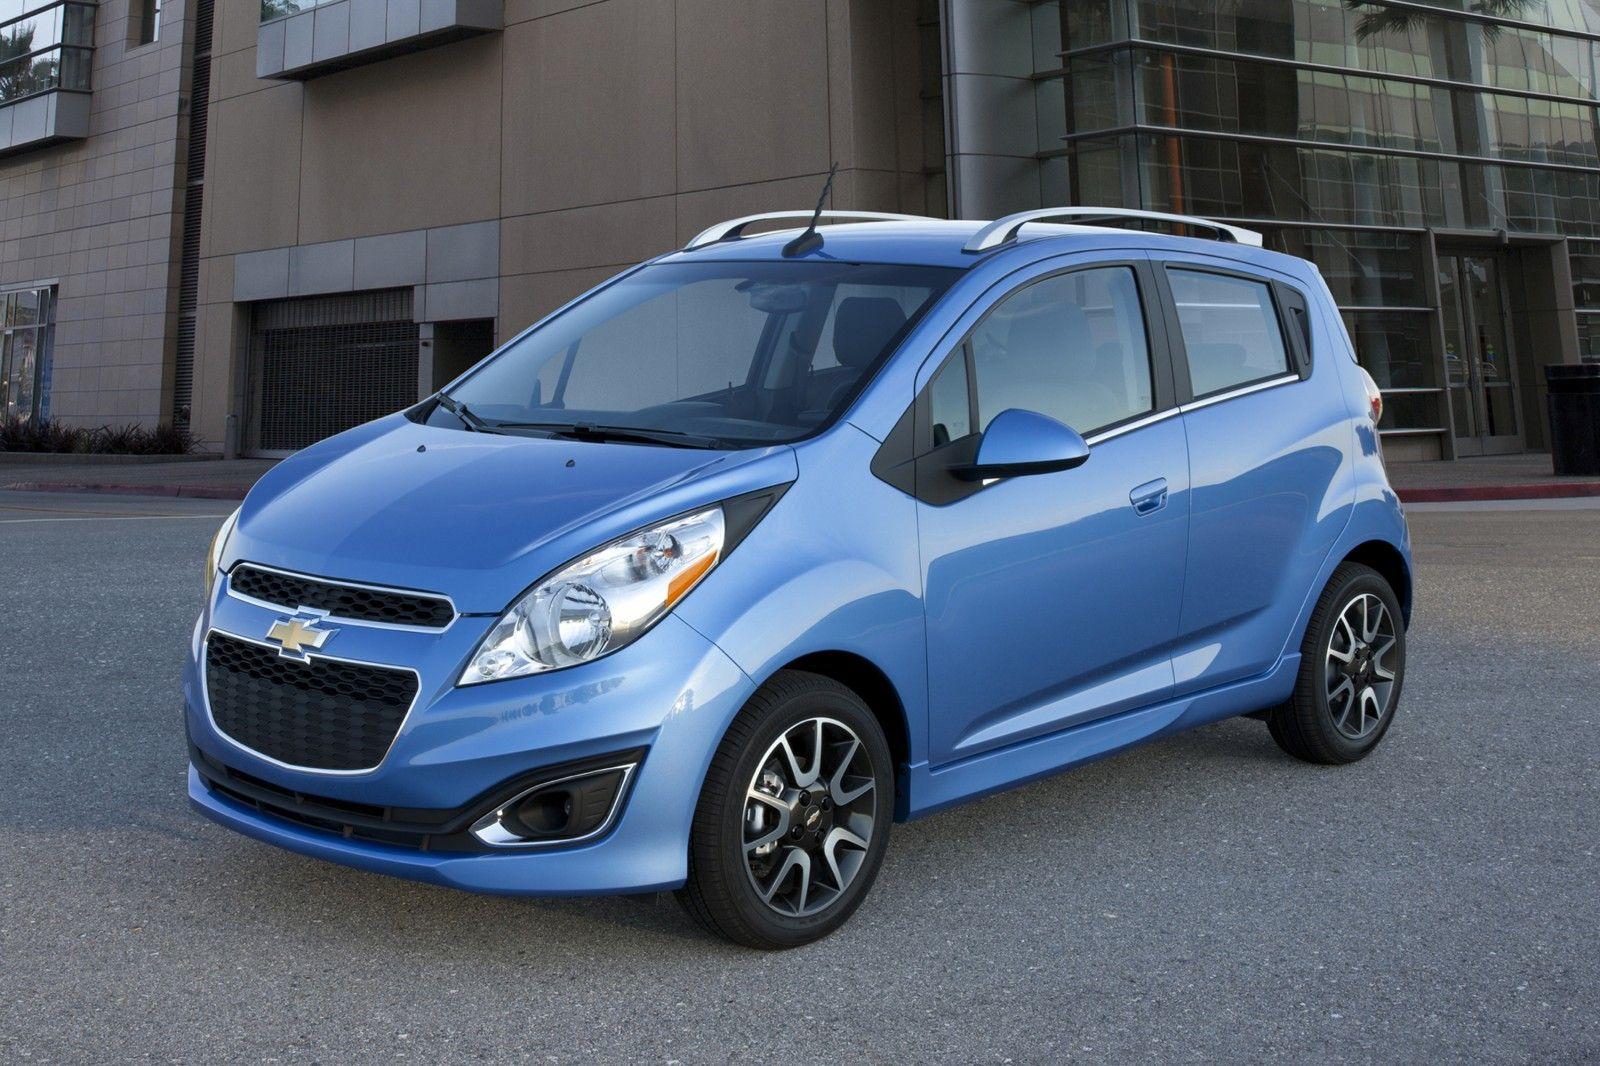 The Chevrolet Spark Hatchback Brings Its Own Special Spark To The Segment Chevrolet Spark Chevrolet Spark Ls Spark Car